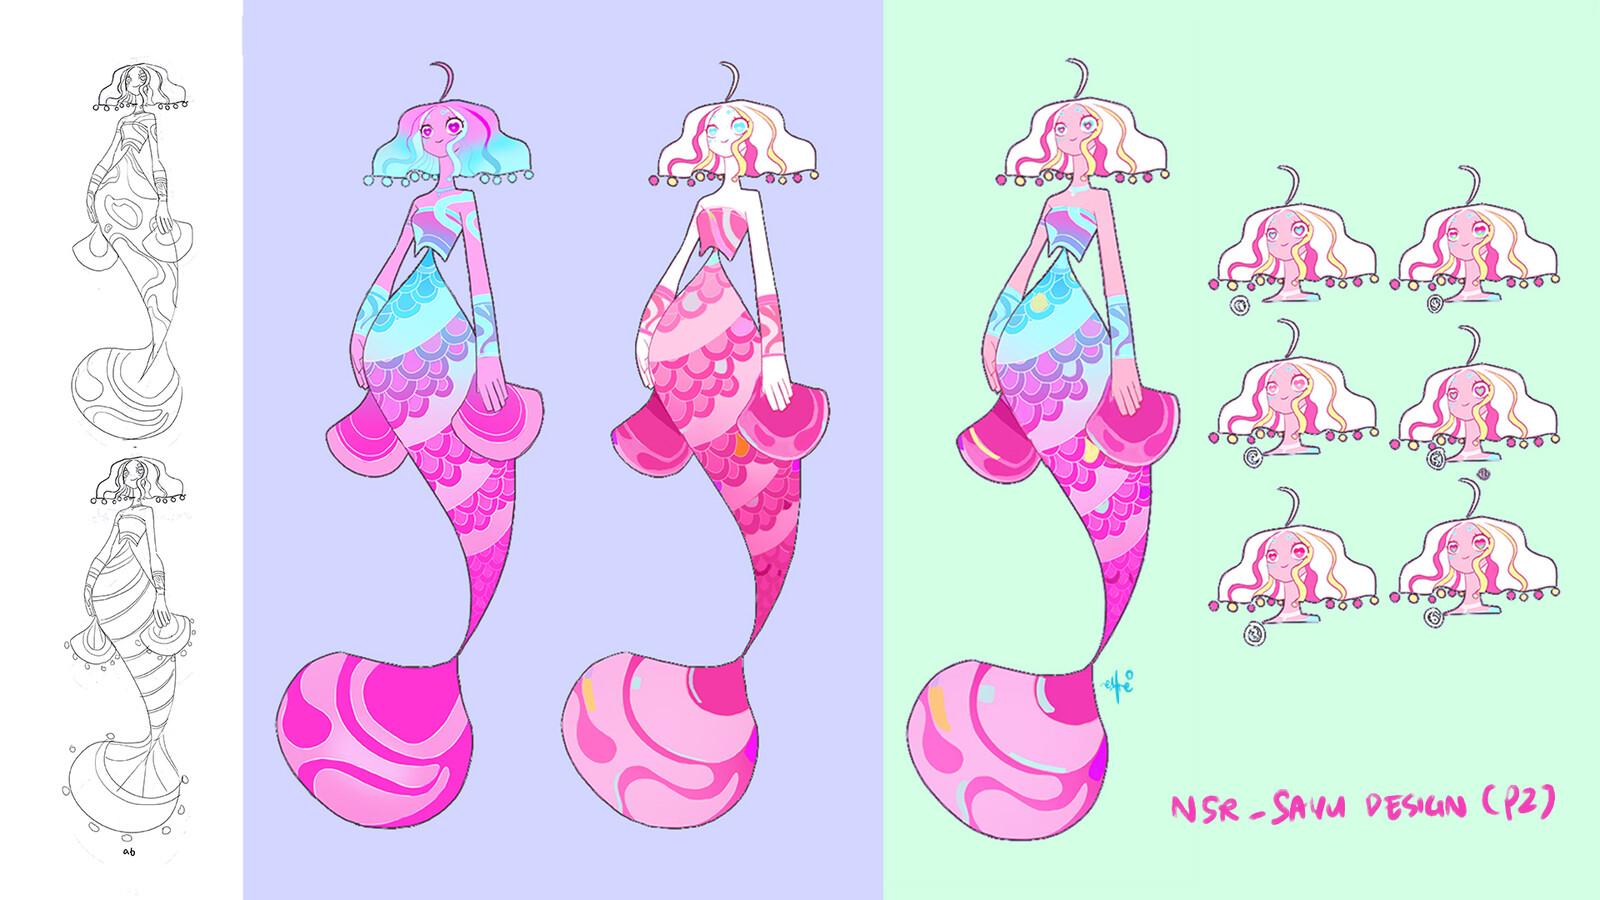 Sayu (digital idol) concept art